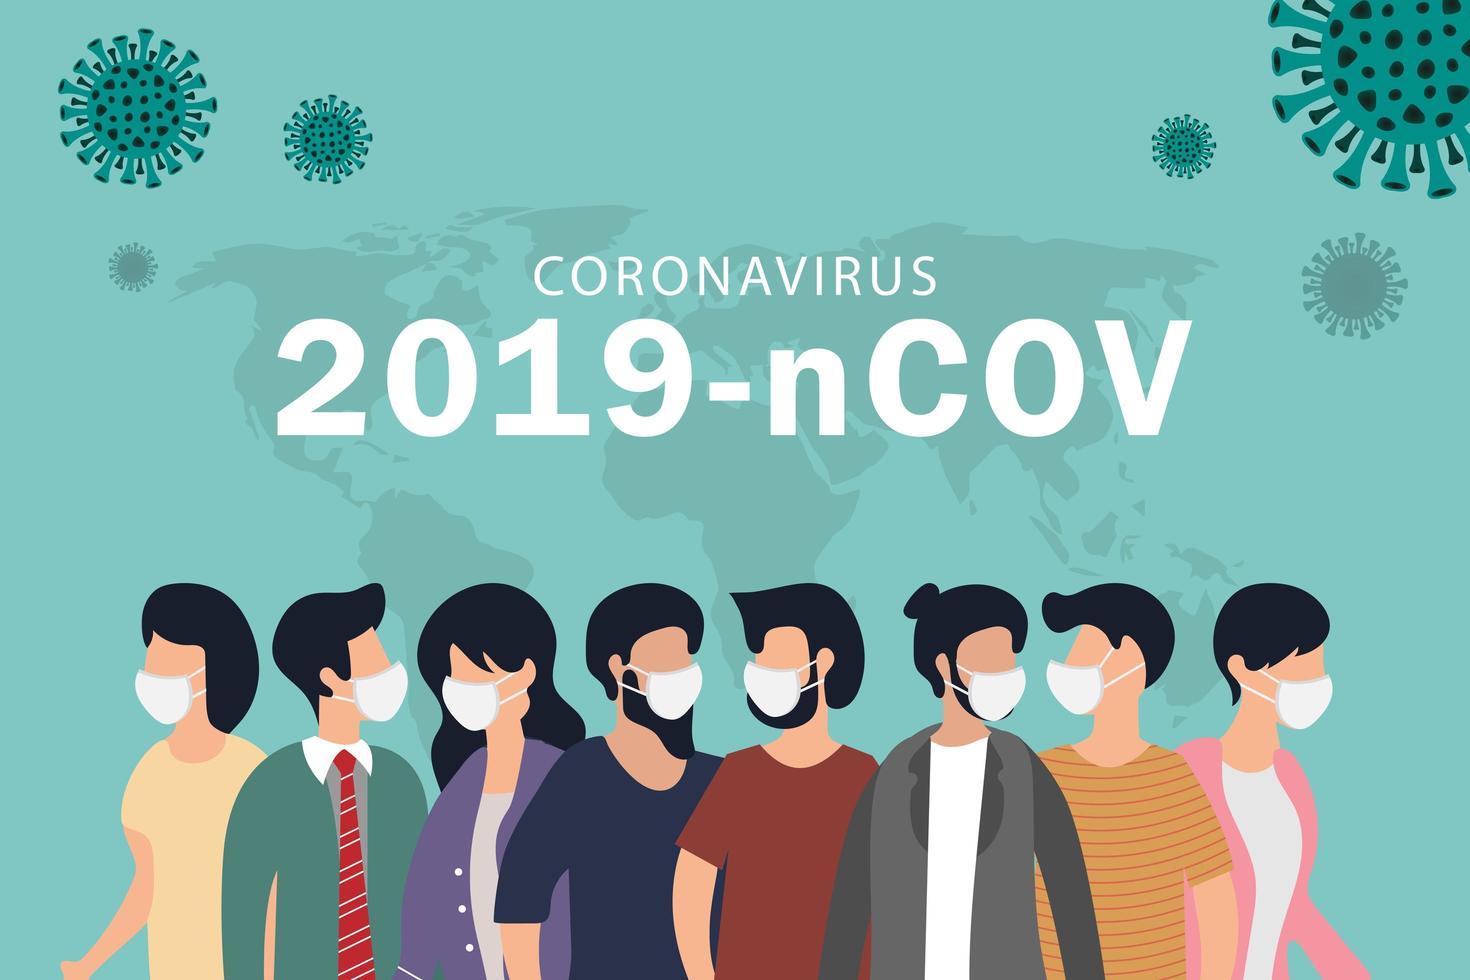 koronavirus karantänkarta med människor i masker vektor